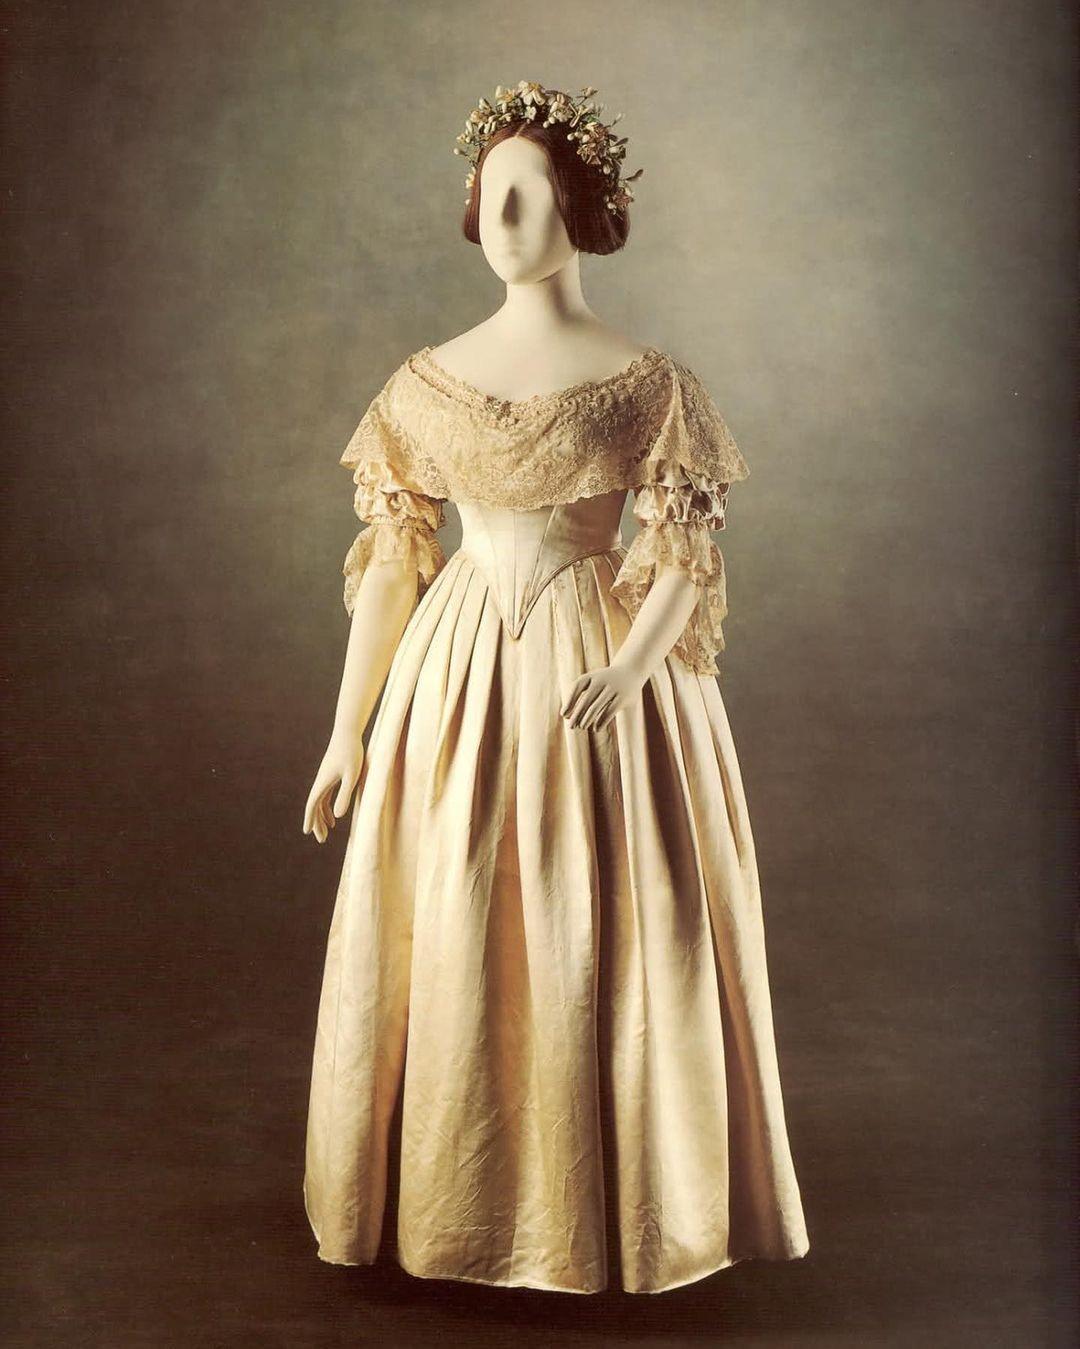 Наряд невесты: почему свадебное платье белое и каким оно было раньше в России и Западных странах